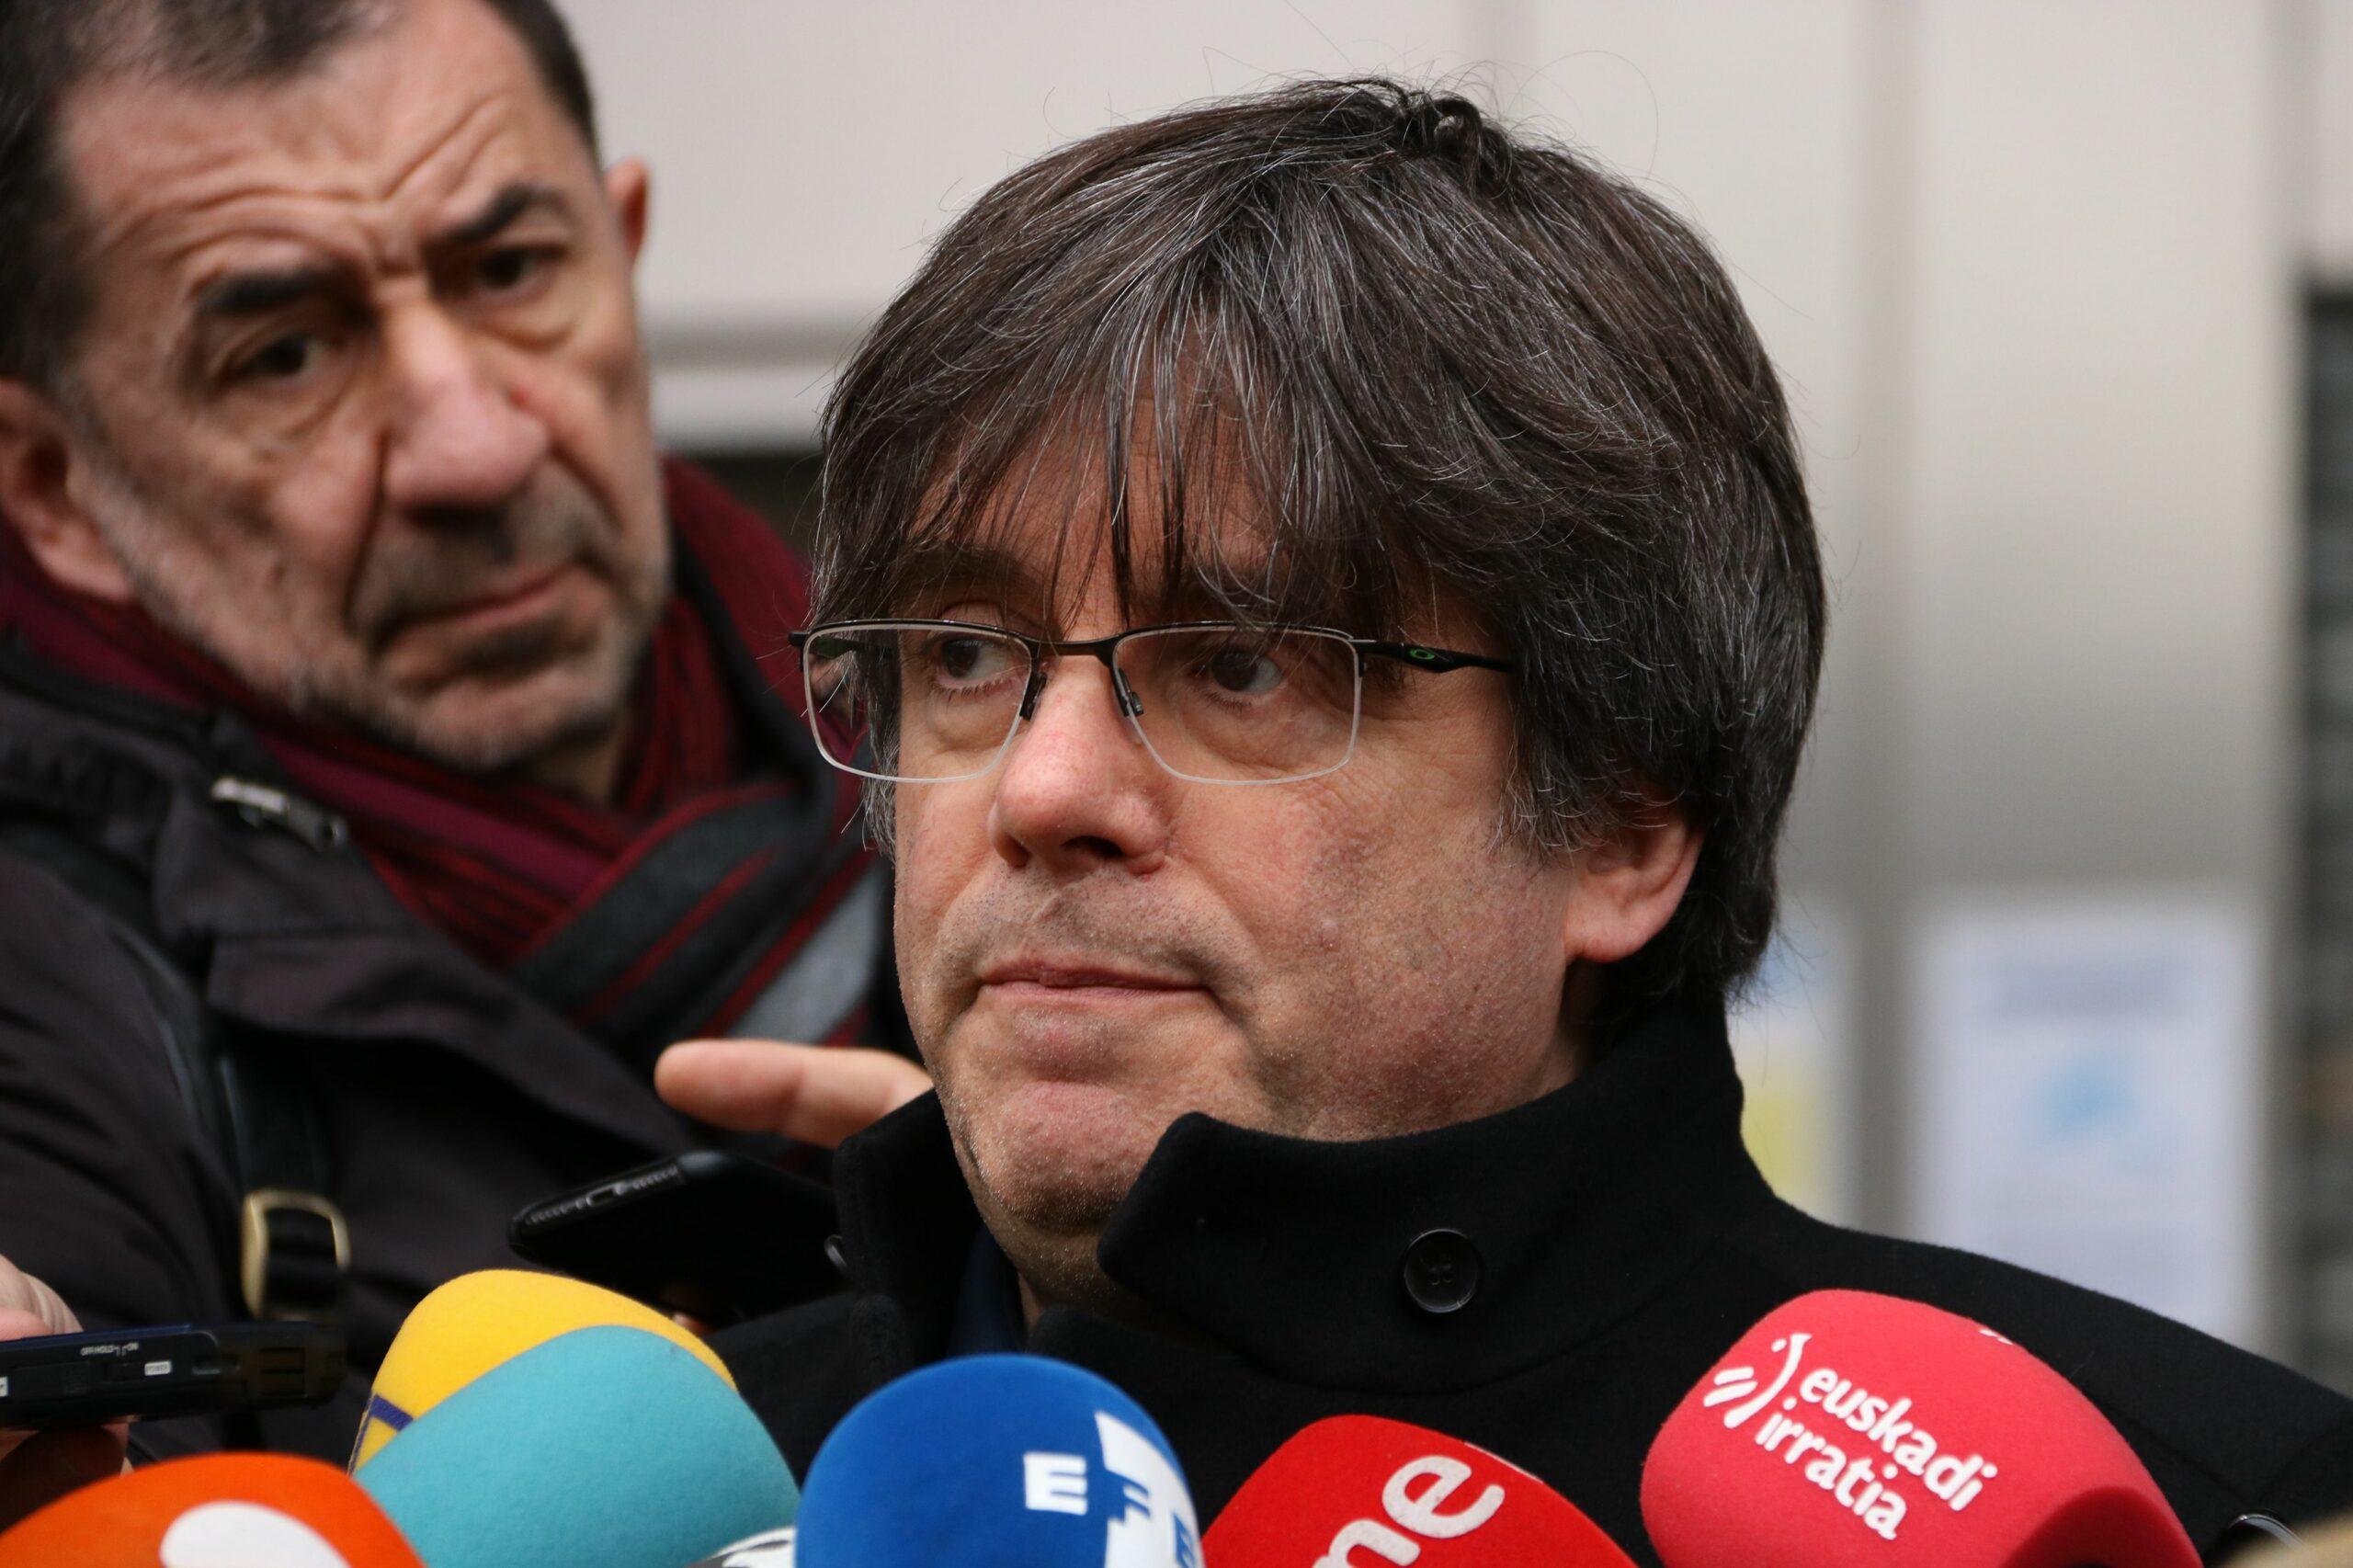 El líder de JxCat, Carles Puigdemont, durant una atenció als mitjans a Brussel·les